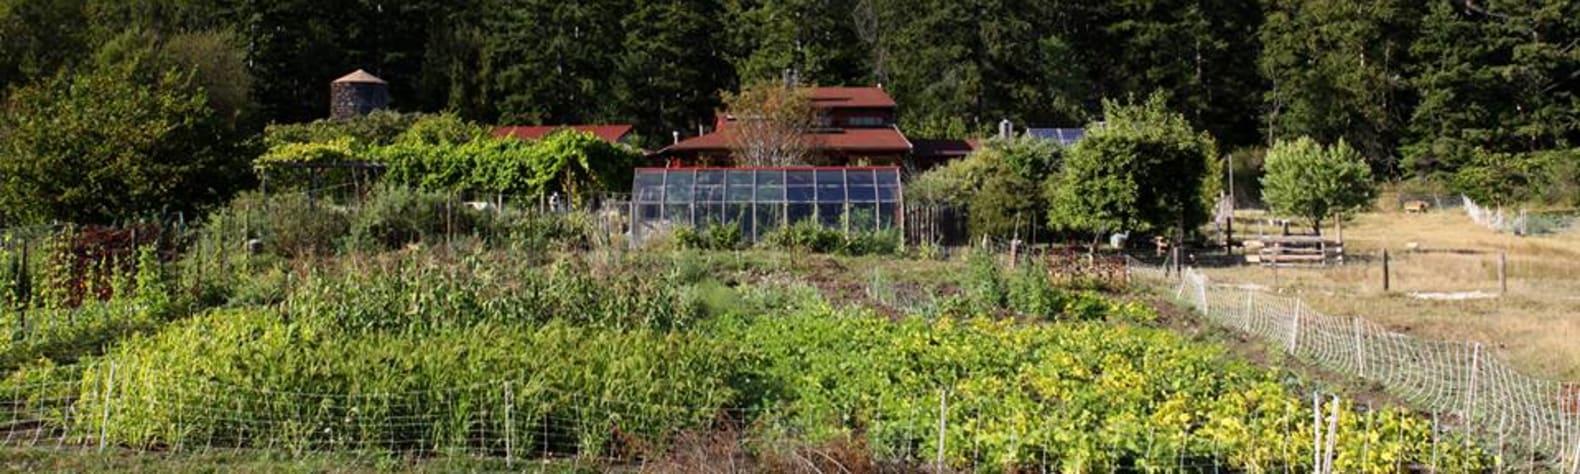 Gaia Rising Farm